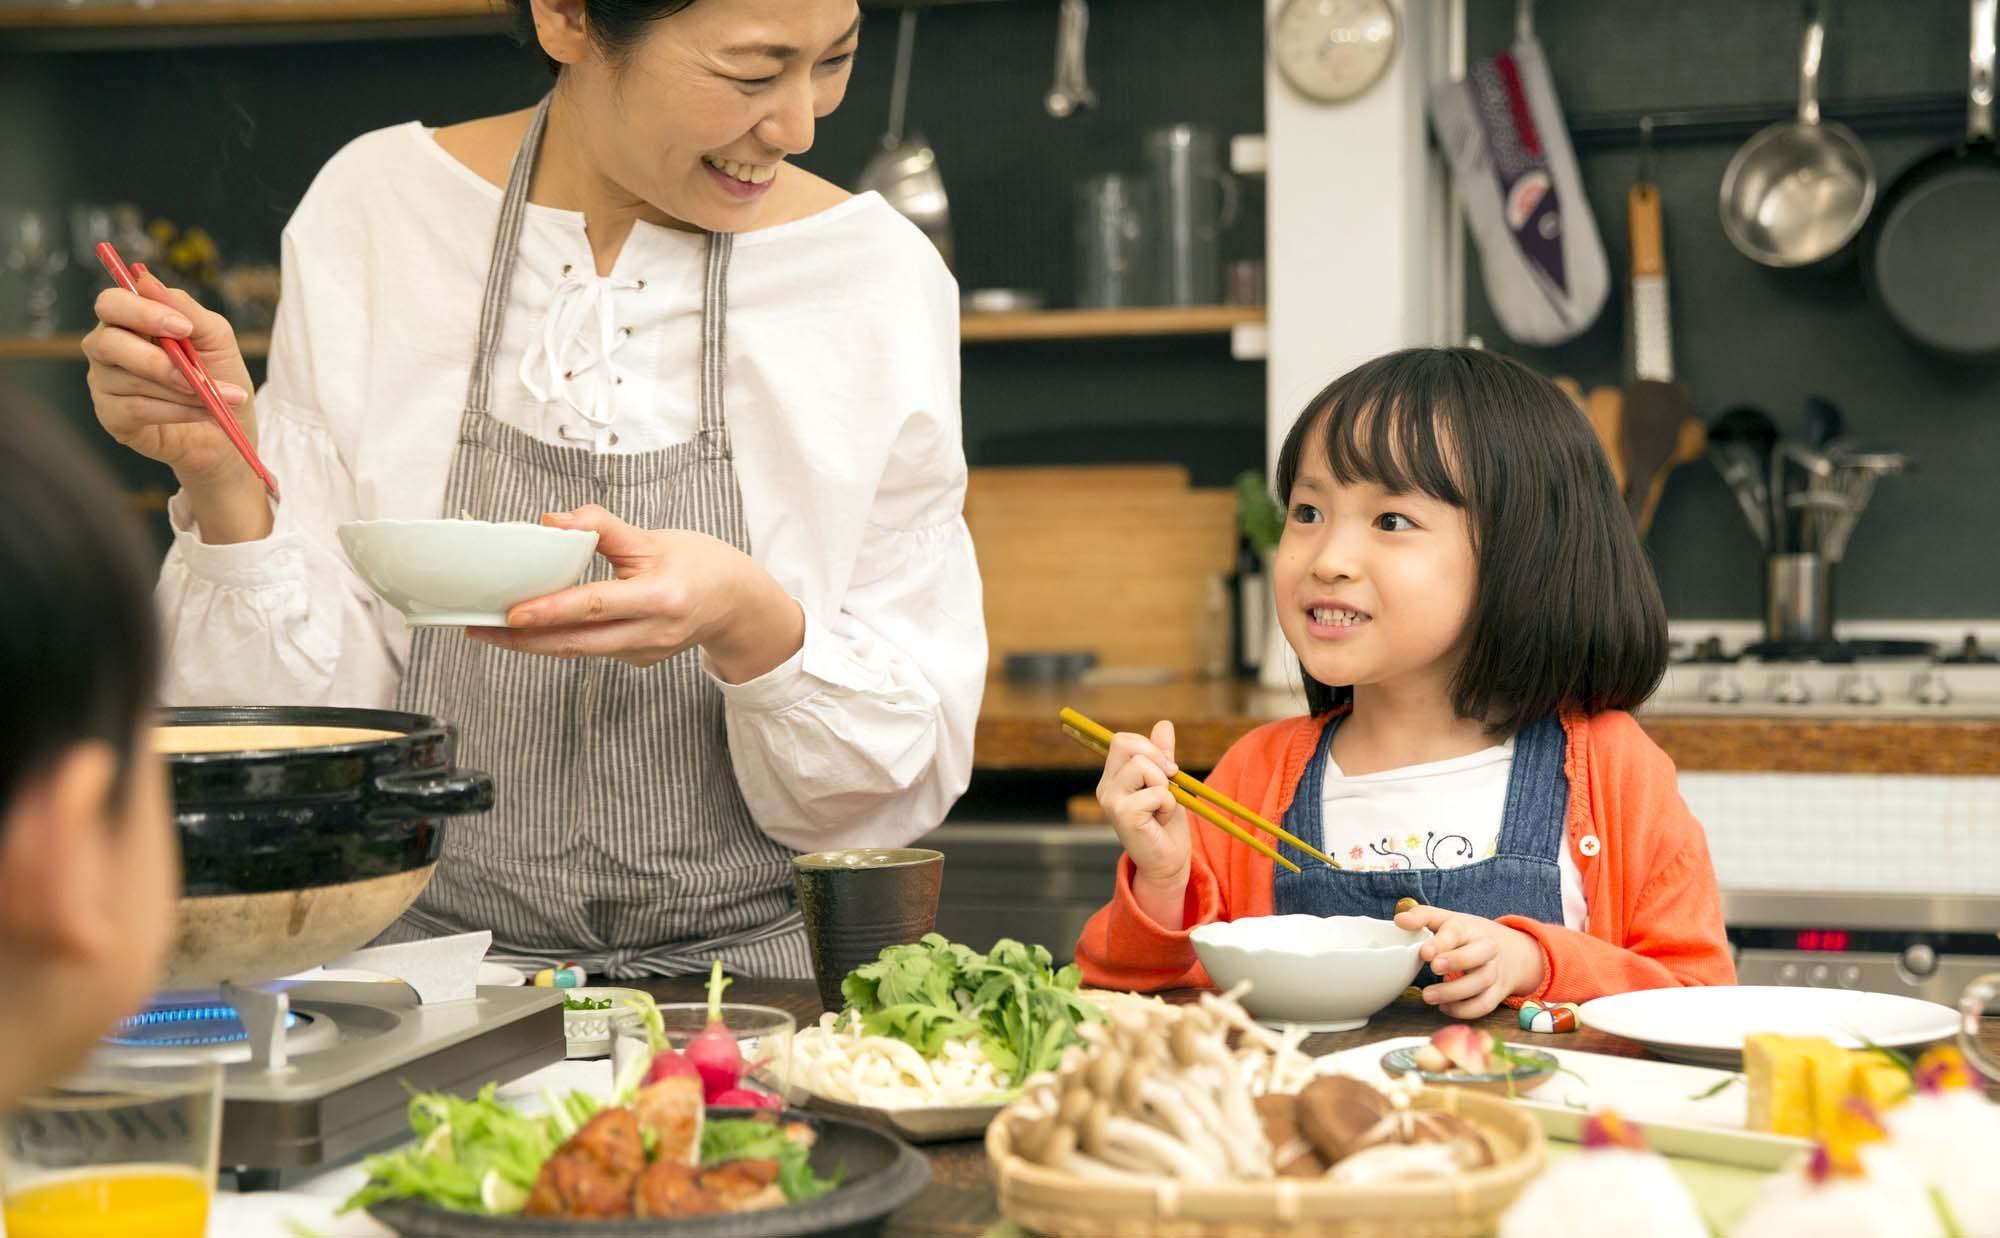 秋田県民が愛する「だまこ鍋」とは? あったか郷土料理を子どもと作ろう